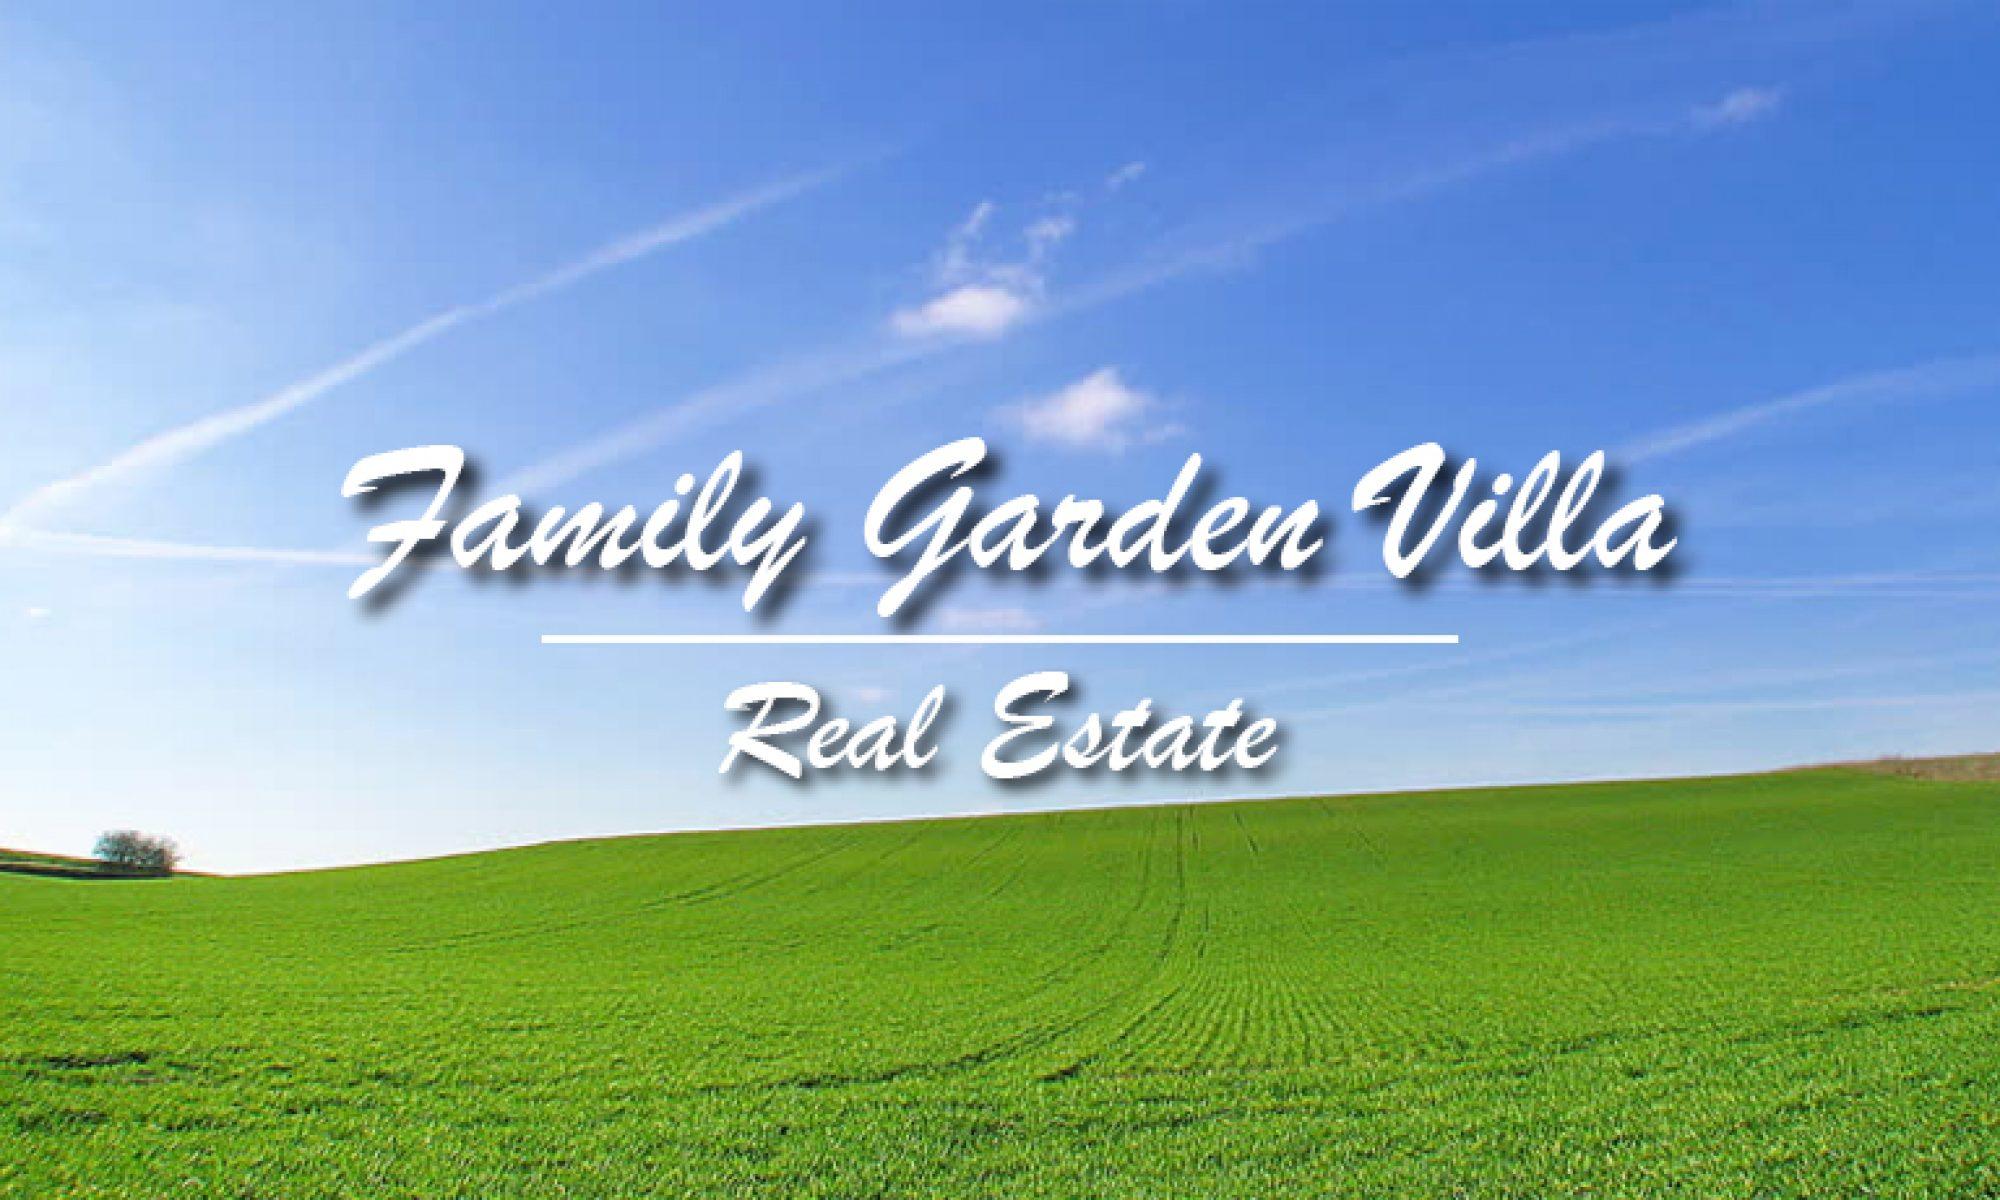 Family Garden Villa - Real Estate